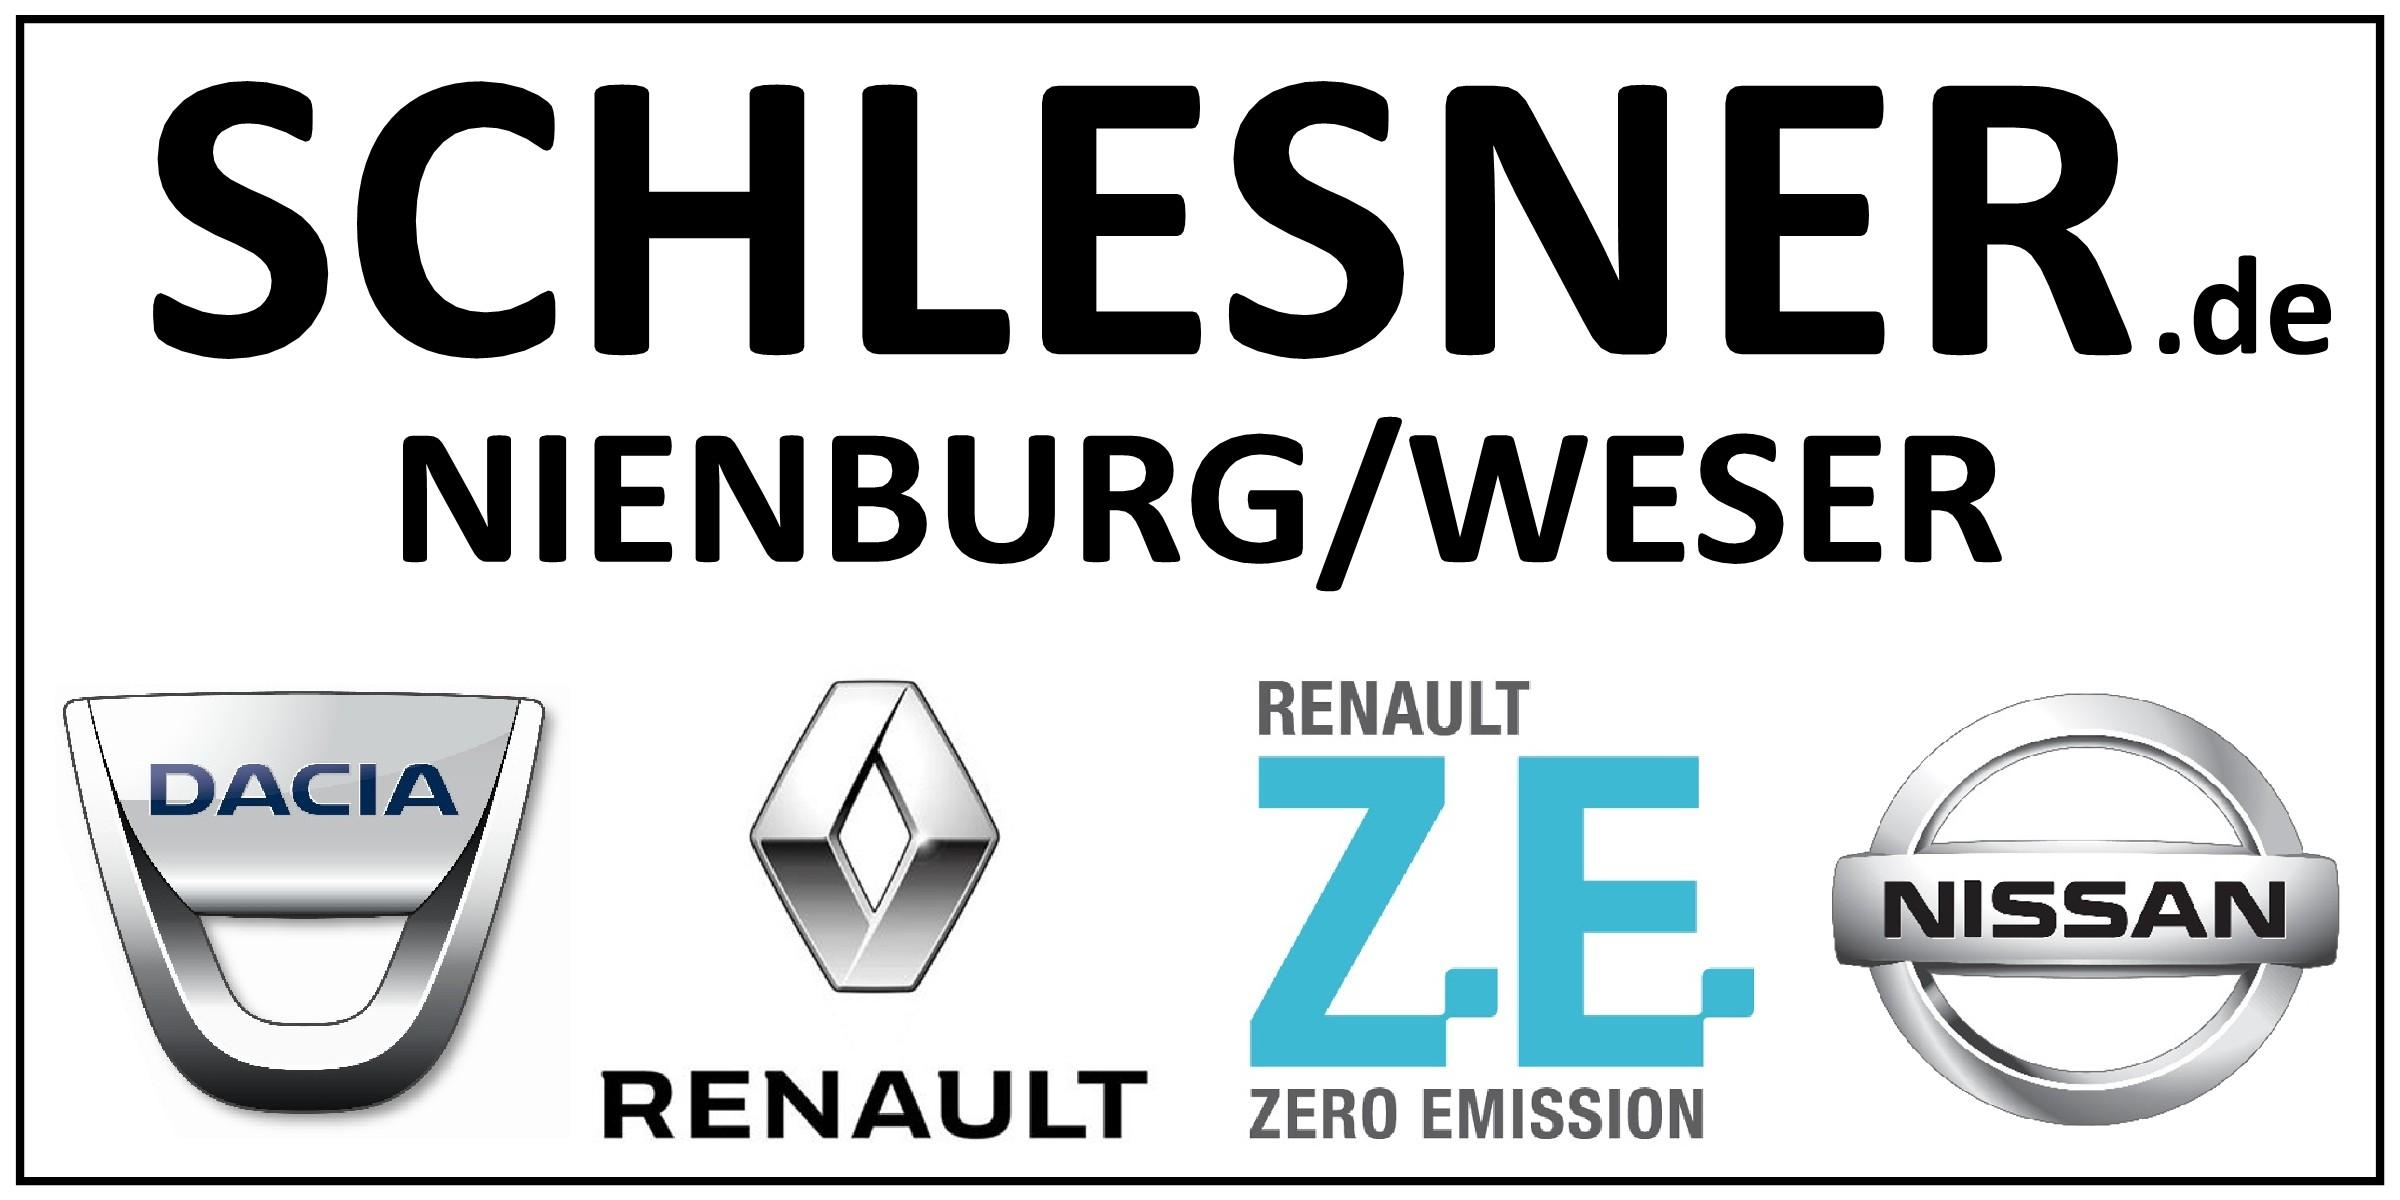 Schlesner GmbH & Co. KG